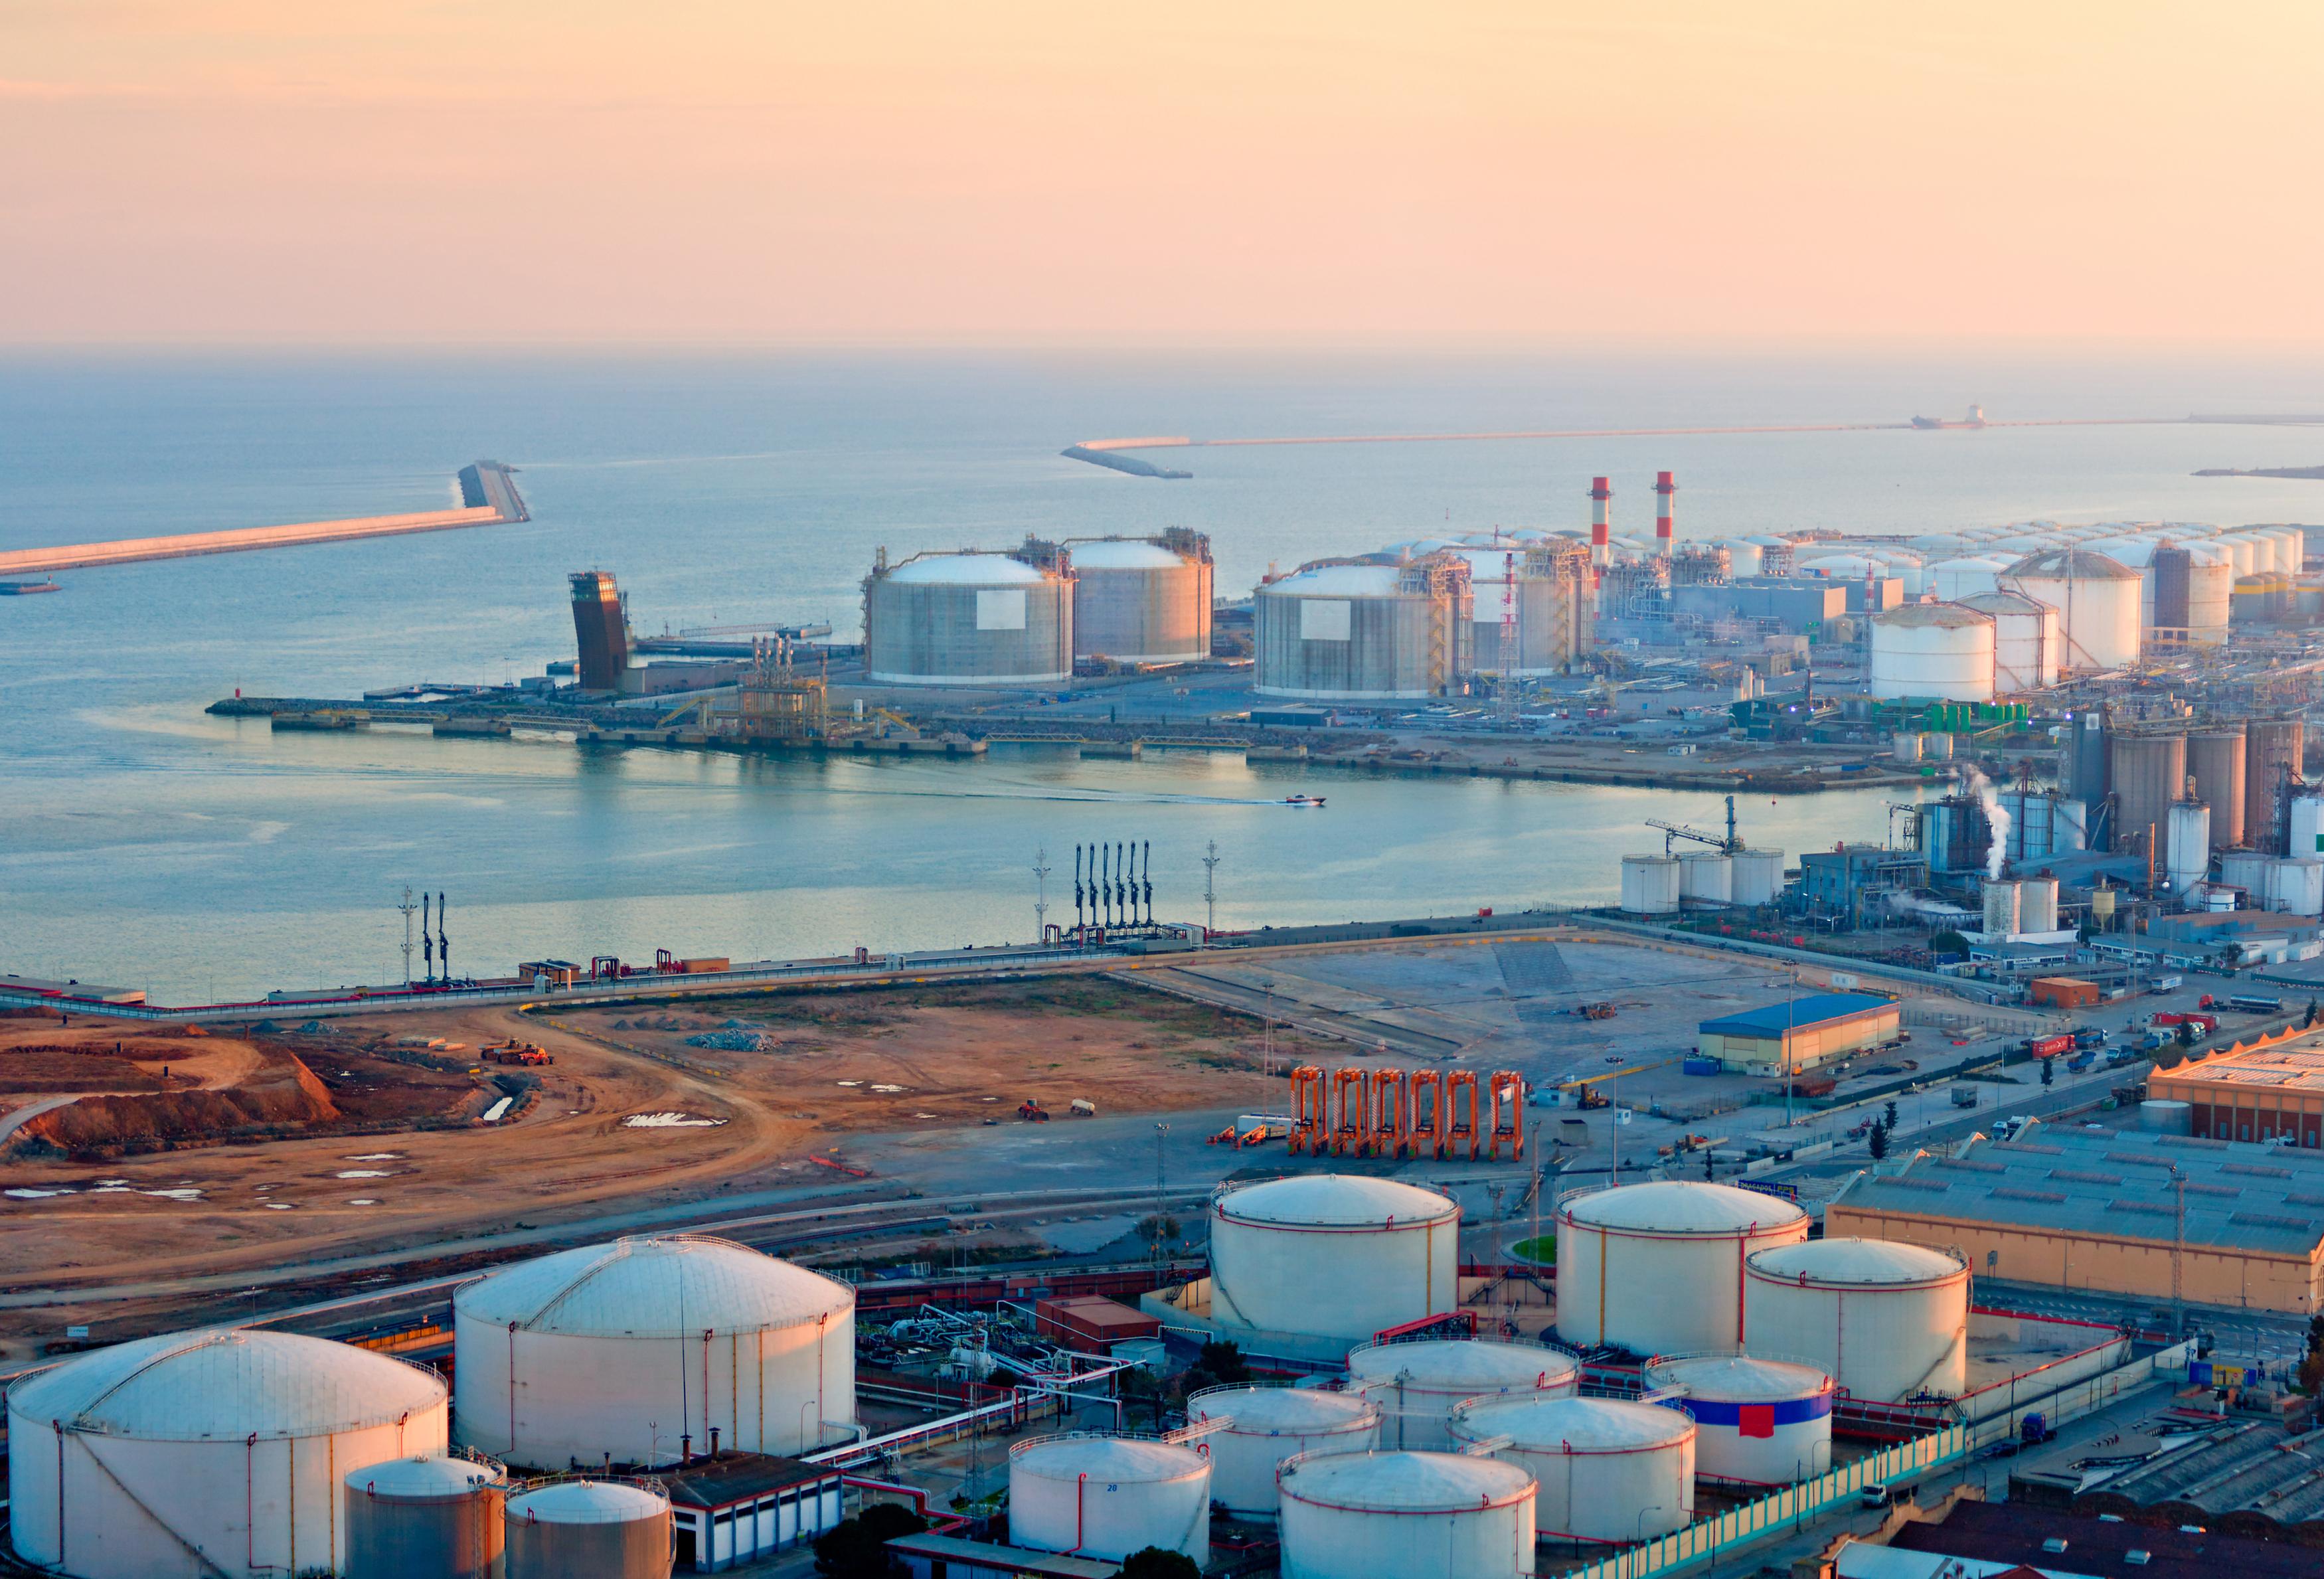 LNG storage tanks at sunset.